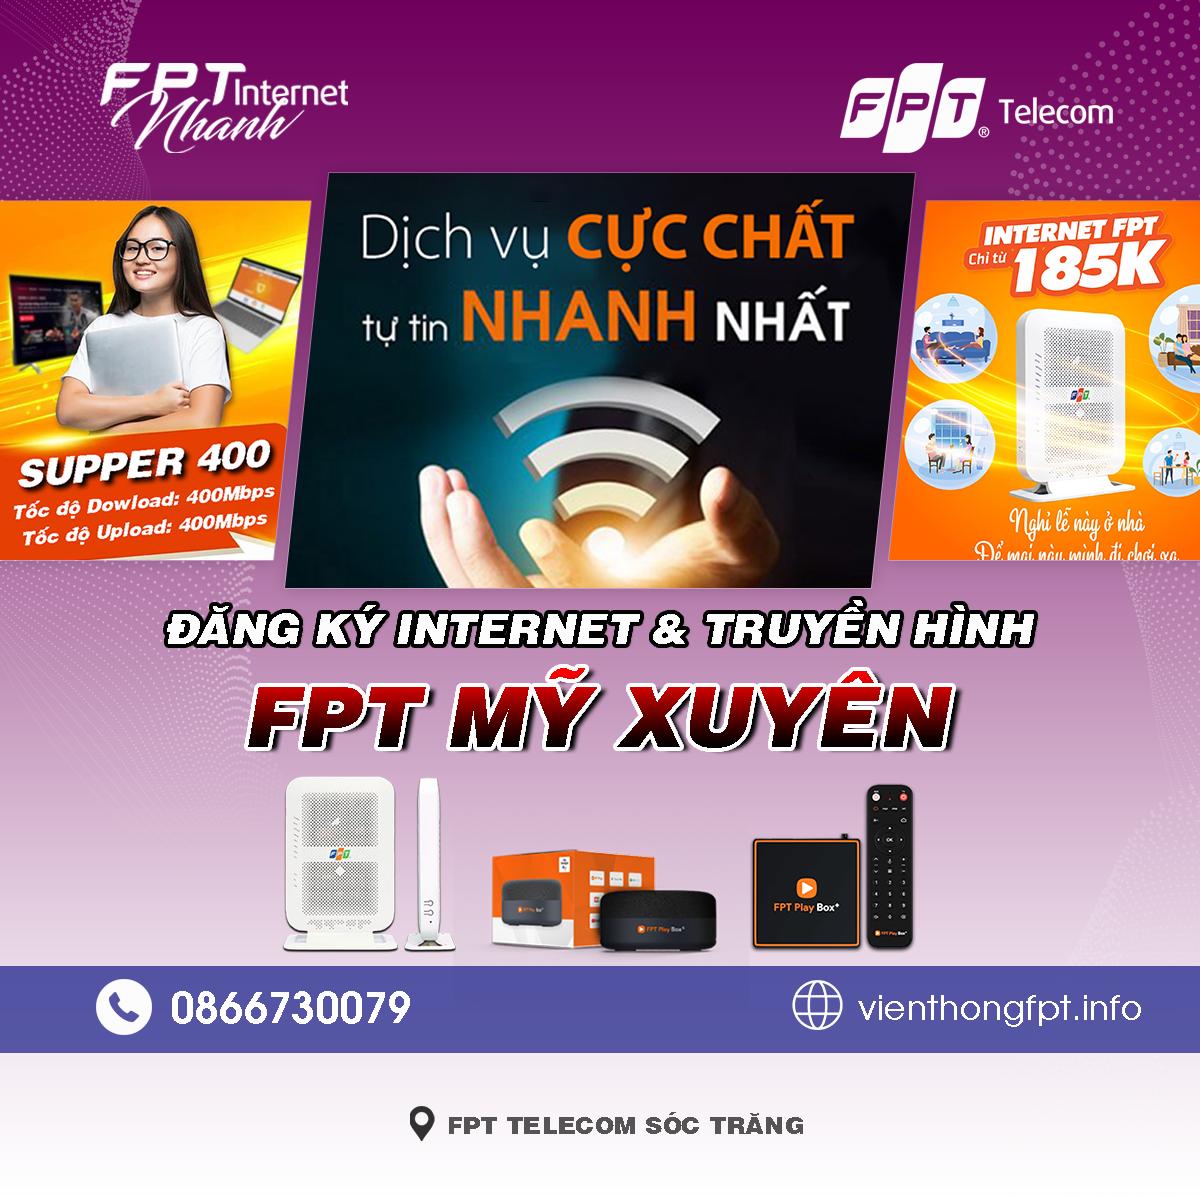 Tổng đài FPT Mỹ Xuyên - Đơn vị lắp mạng Internet và Truyền hình FPT